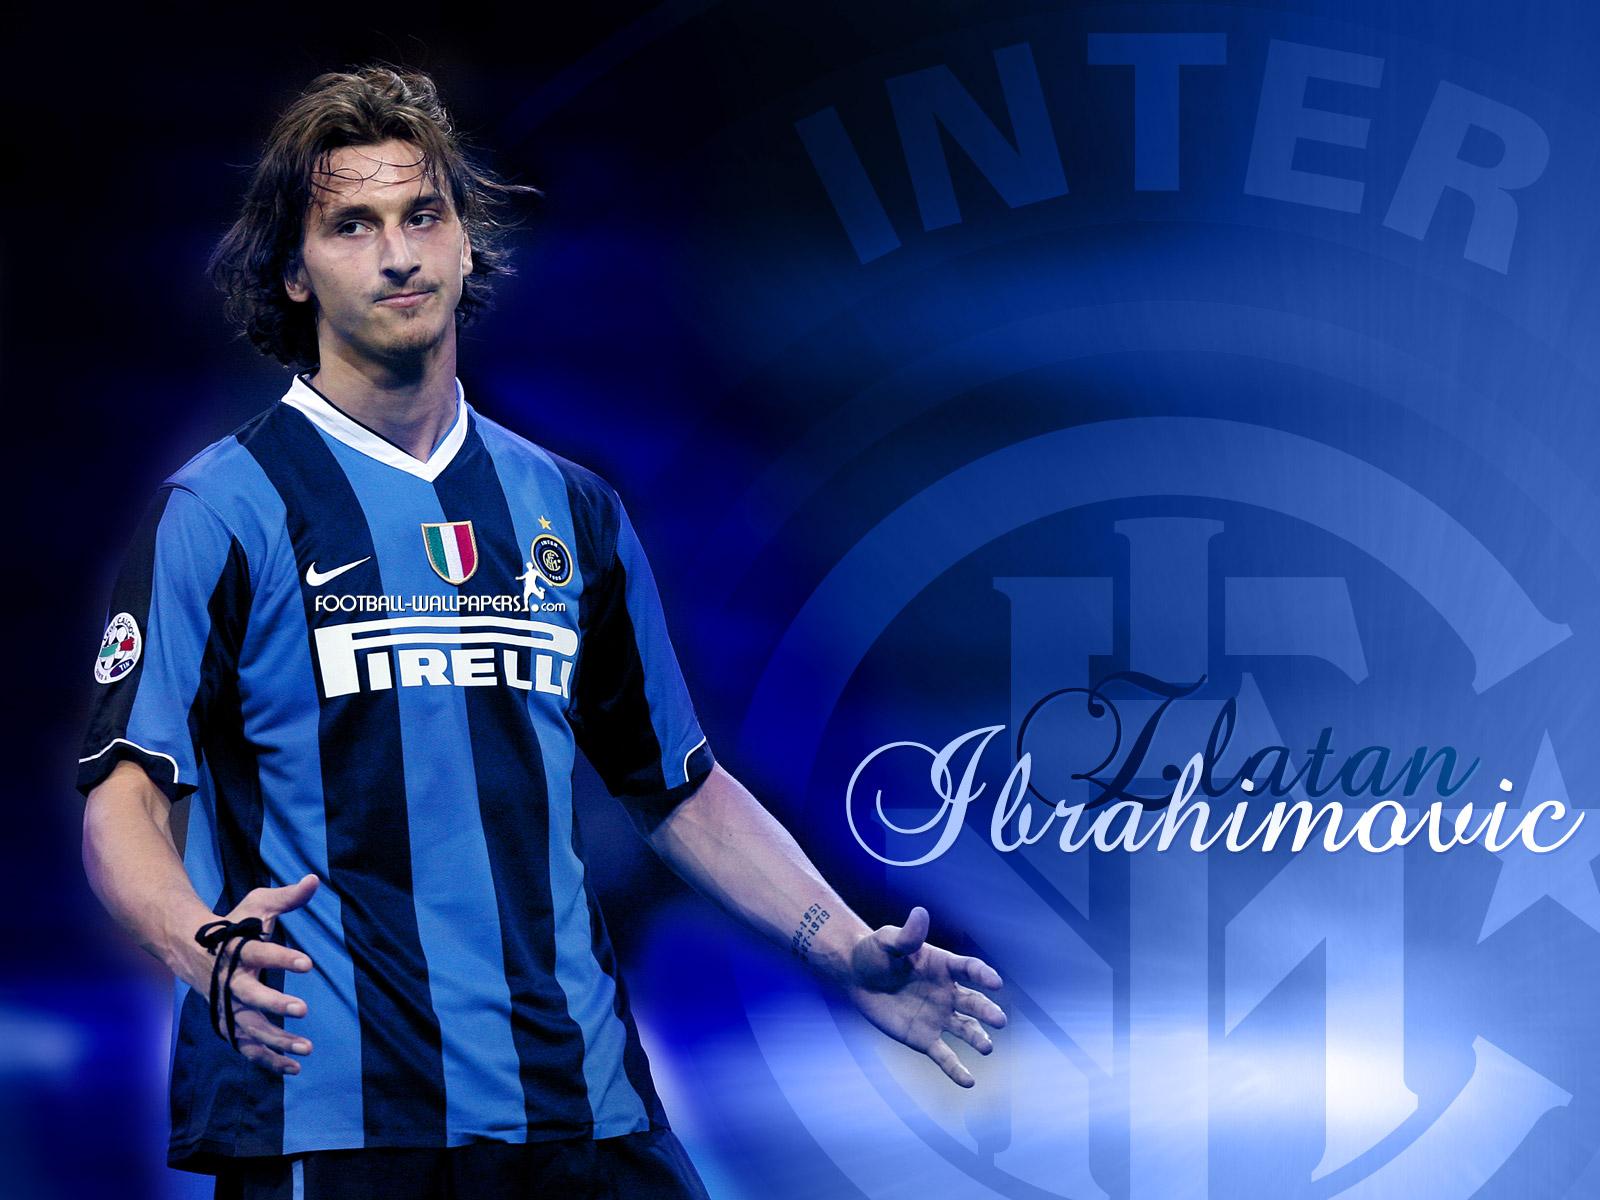 http://2.bp.blogspot.com/-tpJM7z3Q3Cs/TYtP_P6AtpI/AAAAAAAAArw/N8kOoX8vp0w/s1600/Zlatan_Ibrahimovic_picture.jpg